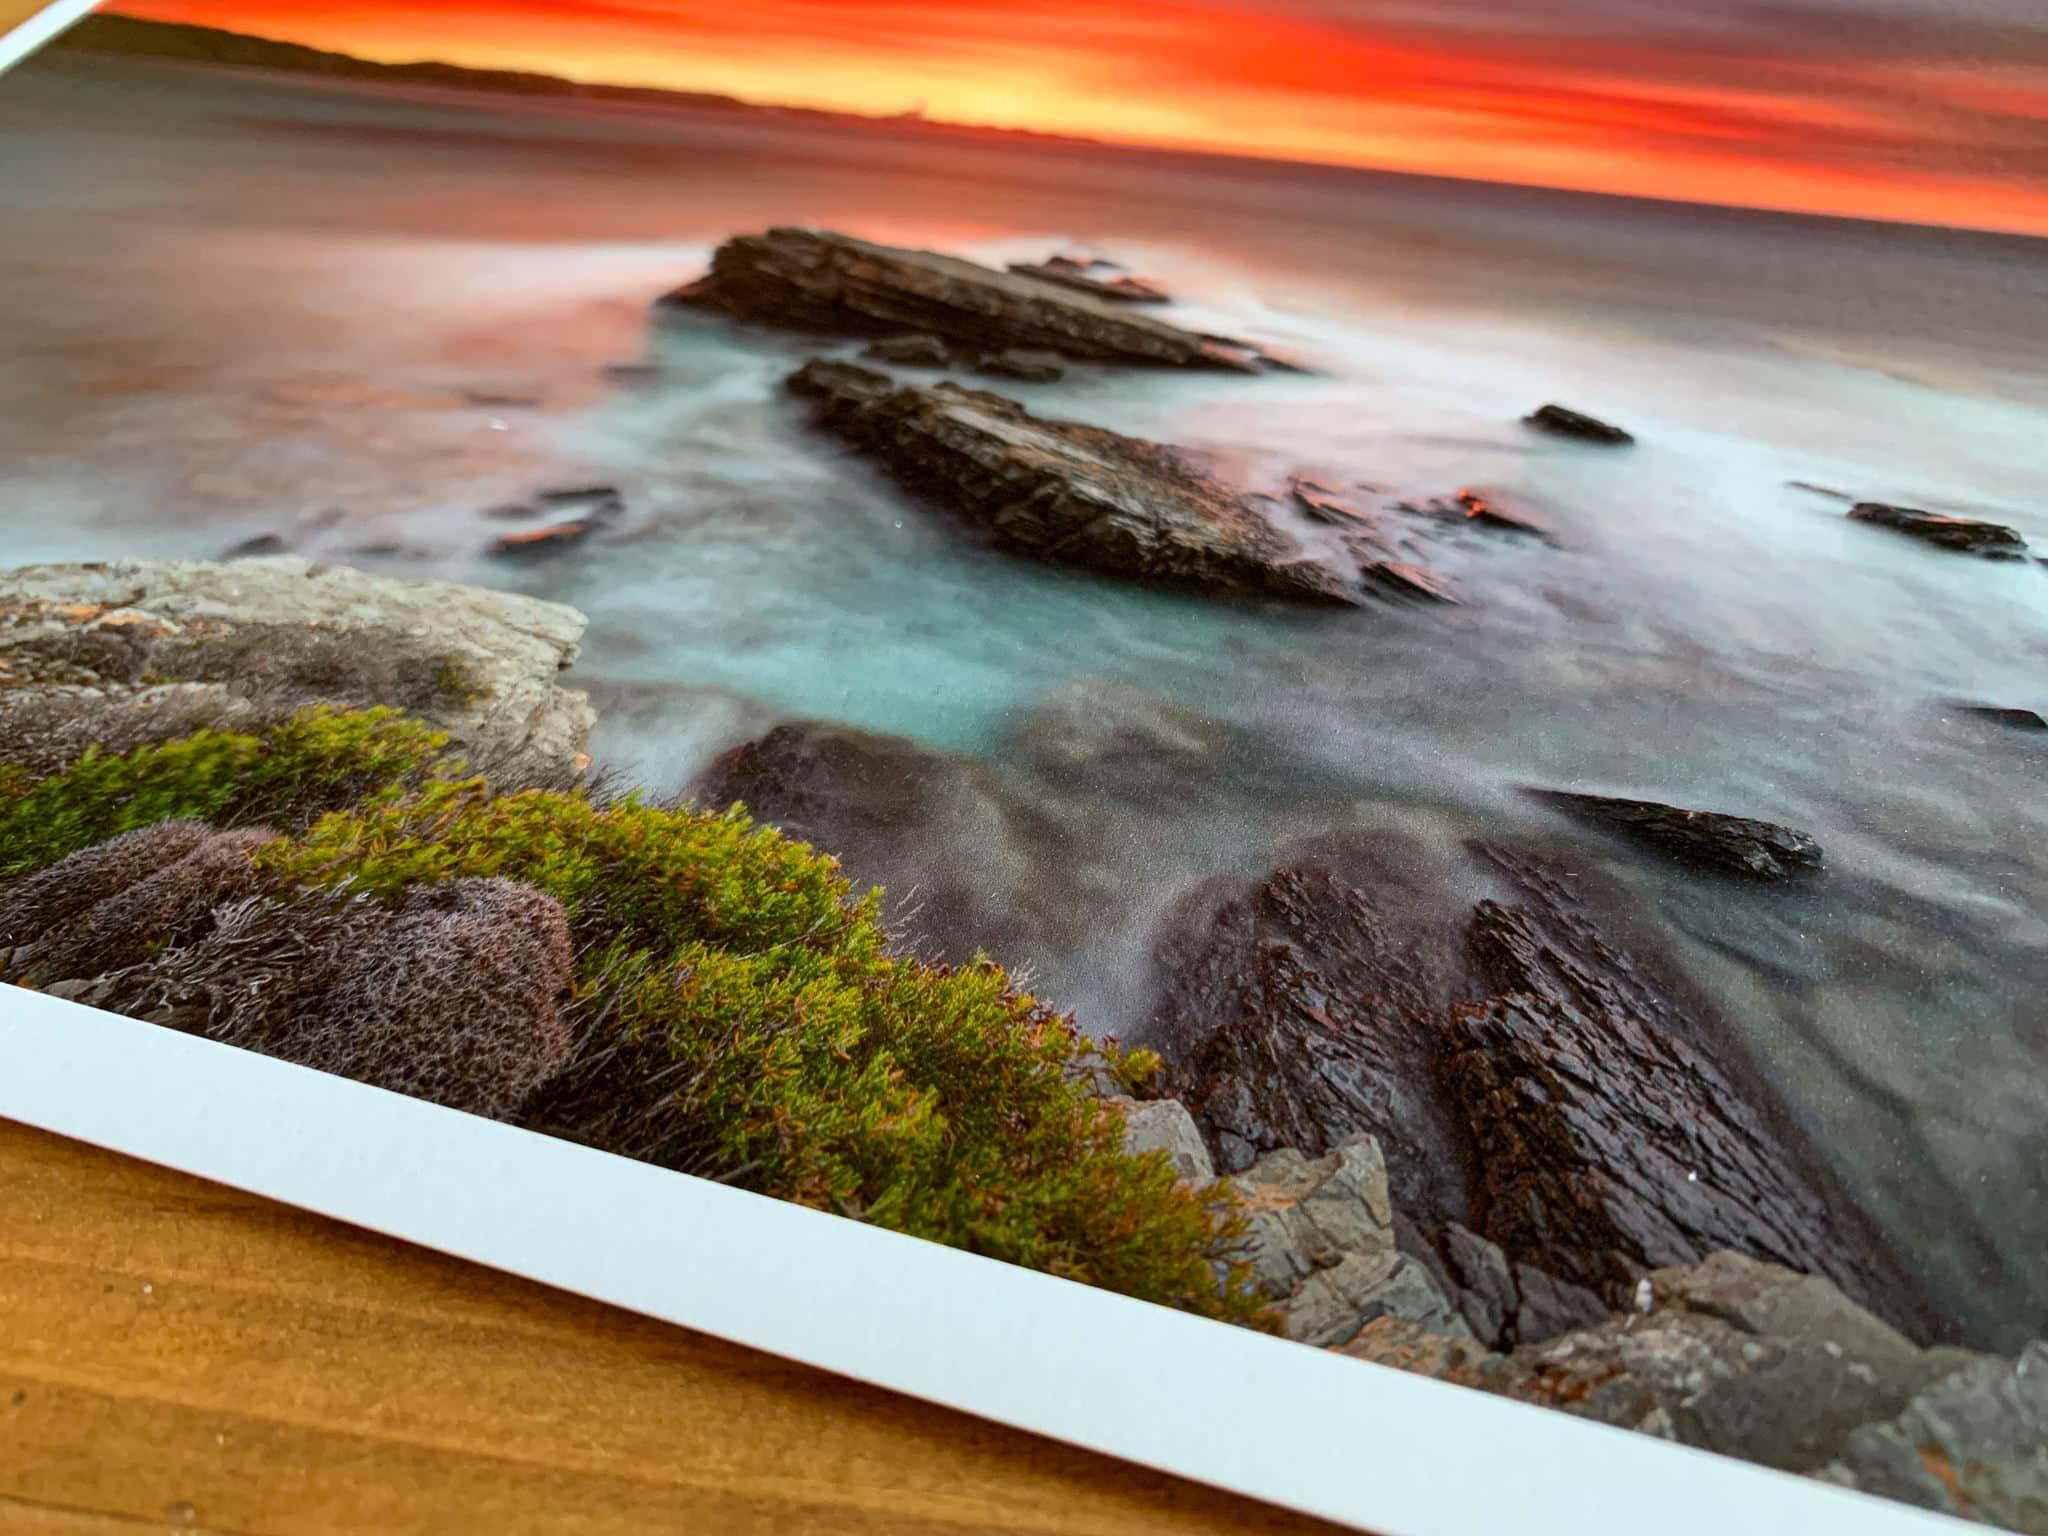 Francesco Gola Seascape Long Exposure Photography Review Best Fine Art Paper Hahnemuhle Hahnemühle 21